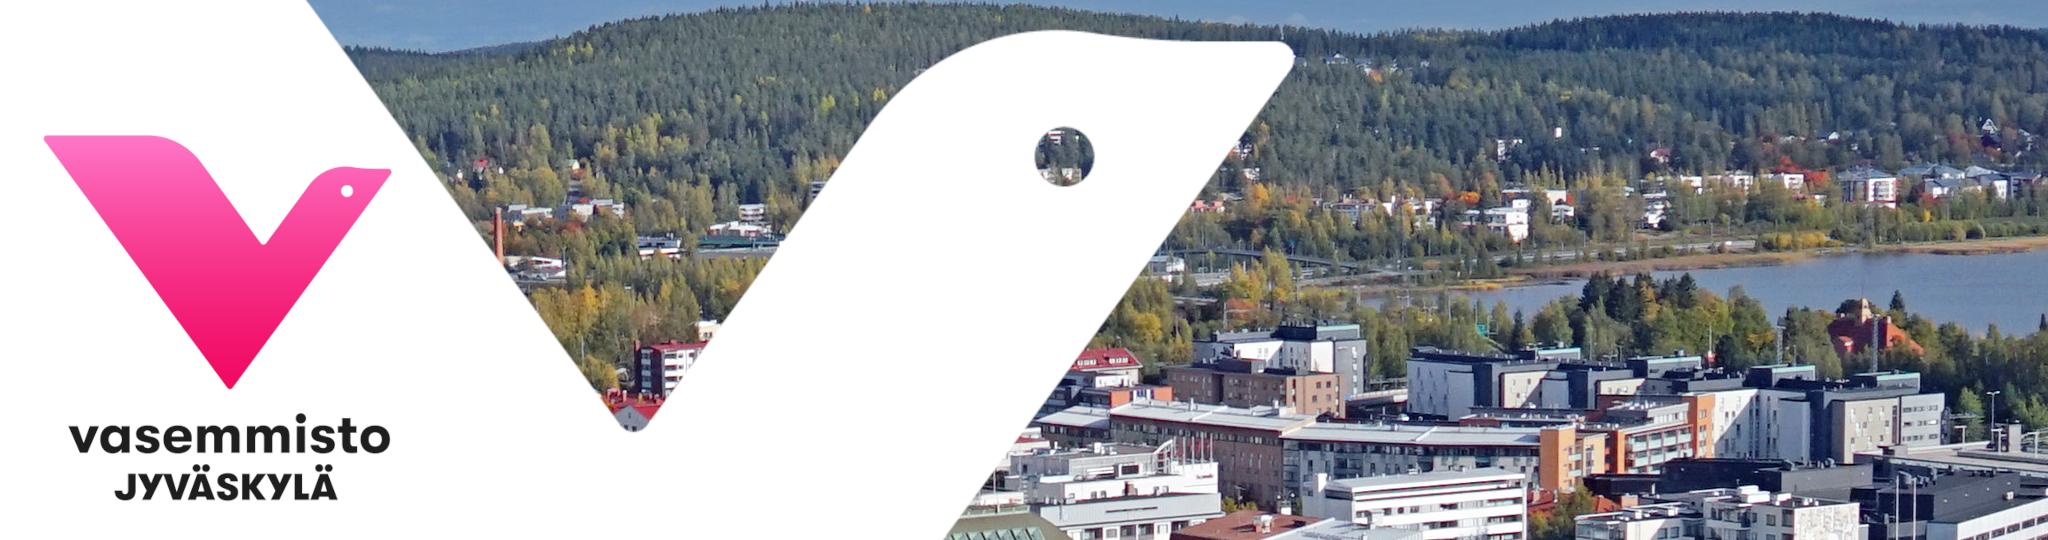 Jyväskylän kaupunki vaslogolla